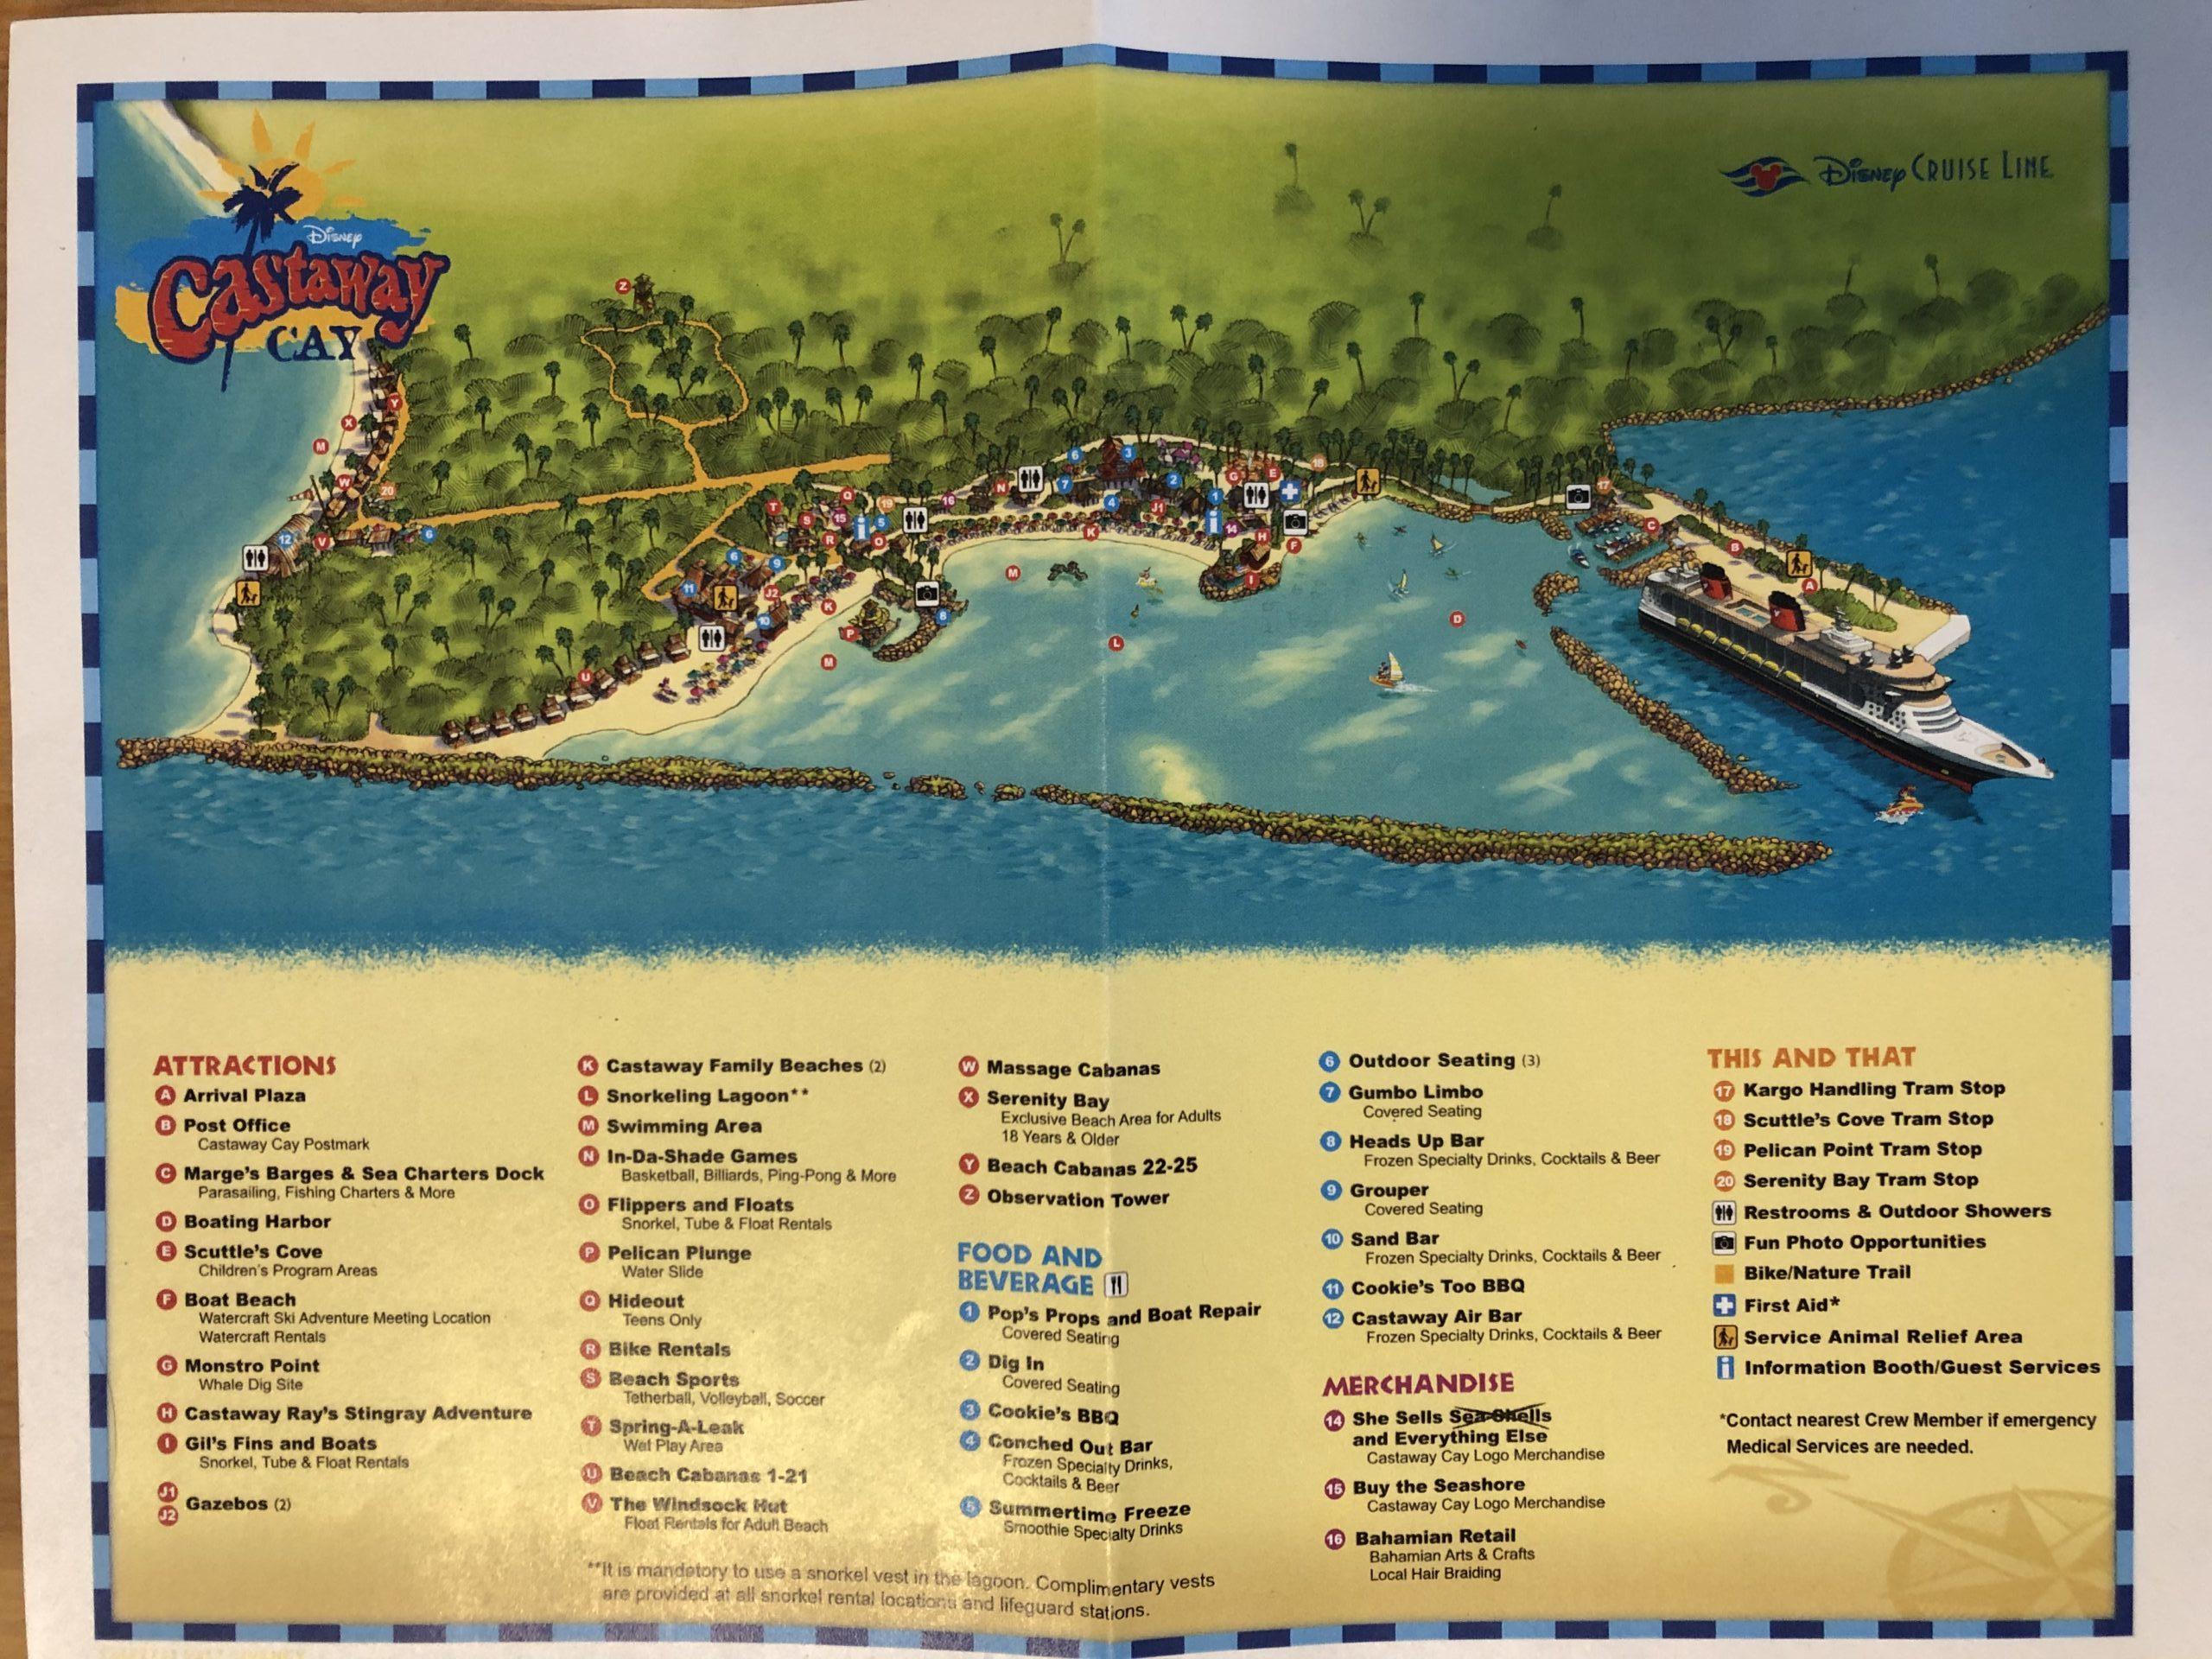 キャスタウェイ・ケイの地図